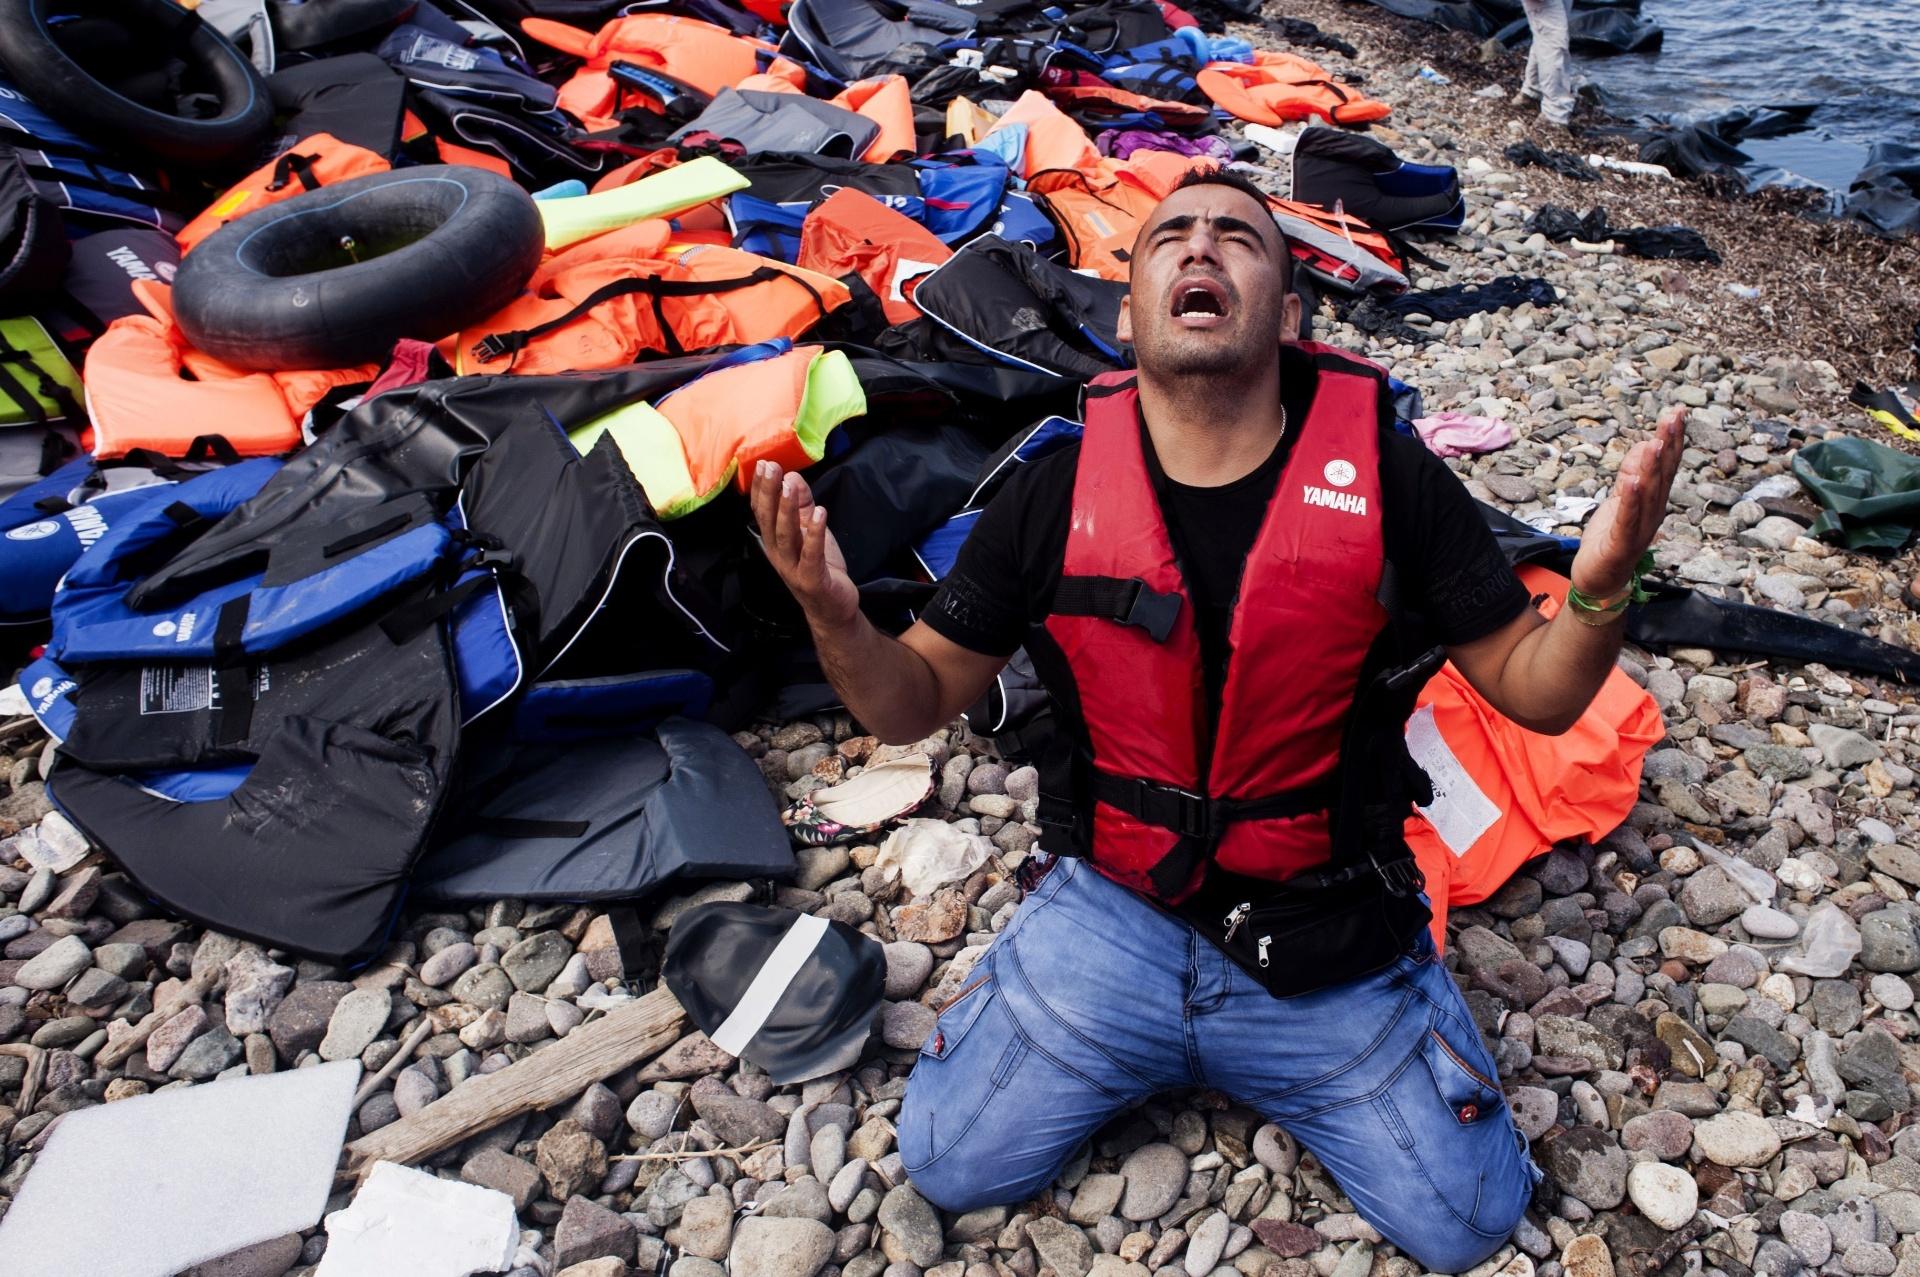 25.set.2015 - Imigrante reza após chegar em bote inflável que cruzou o mar Egeu até a ilha de Lesbo, na Grécia. Nos últimos dias, a chegada de barcaças procedentes da Turquia se multiplicou. Um total de 3.938 refugiados seguiram nesta sexta-feira para o porto ateniense do Pireo